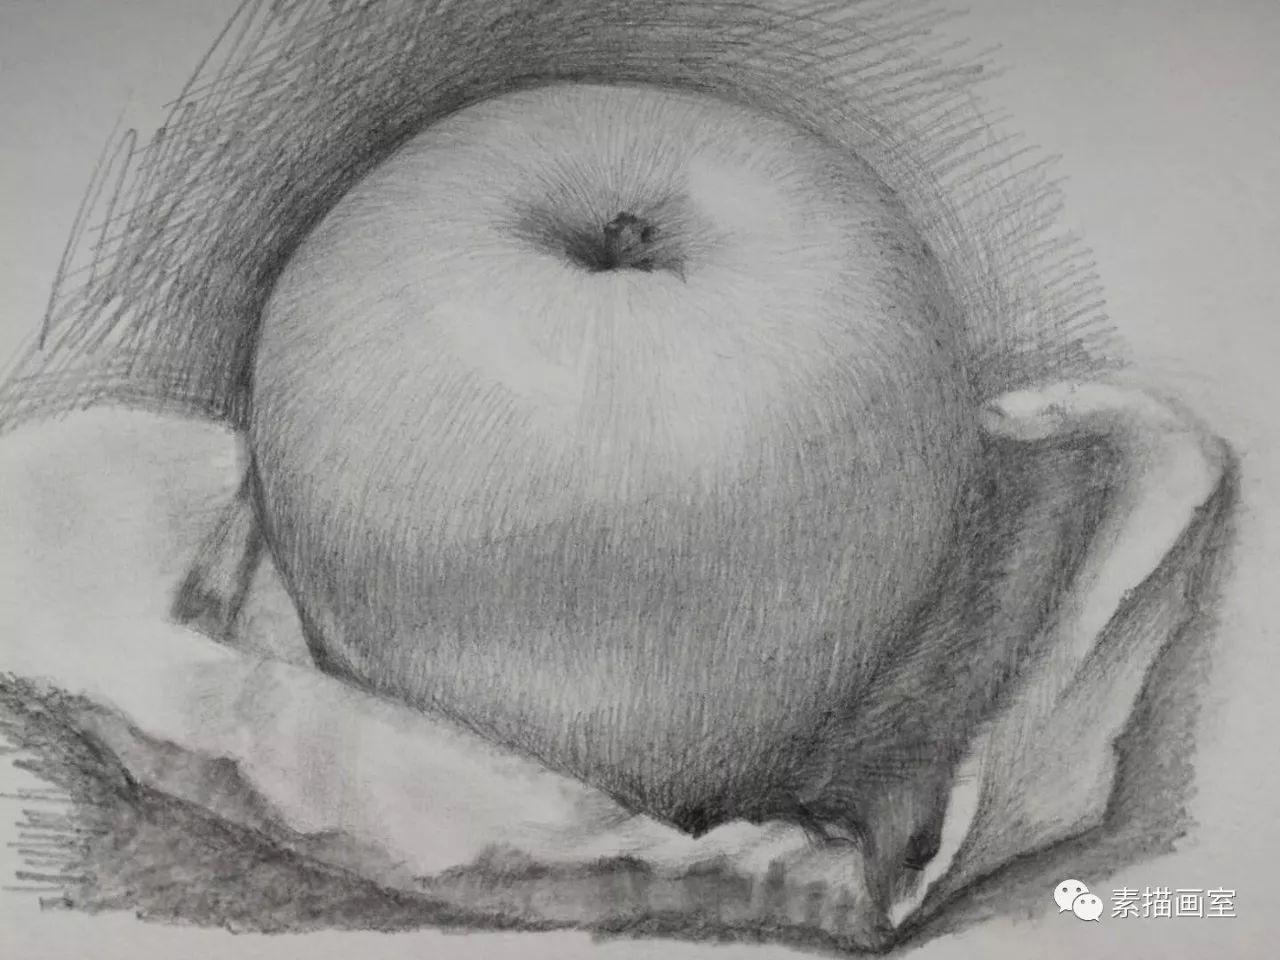 娱乐 正文  2 主题:百合花 类别:彩铅             感悟:这次的百合花